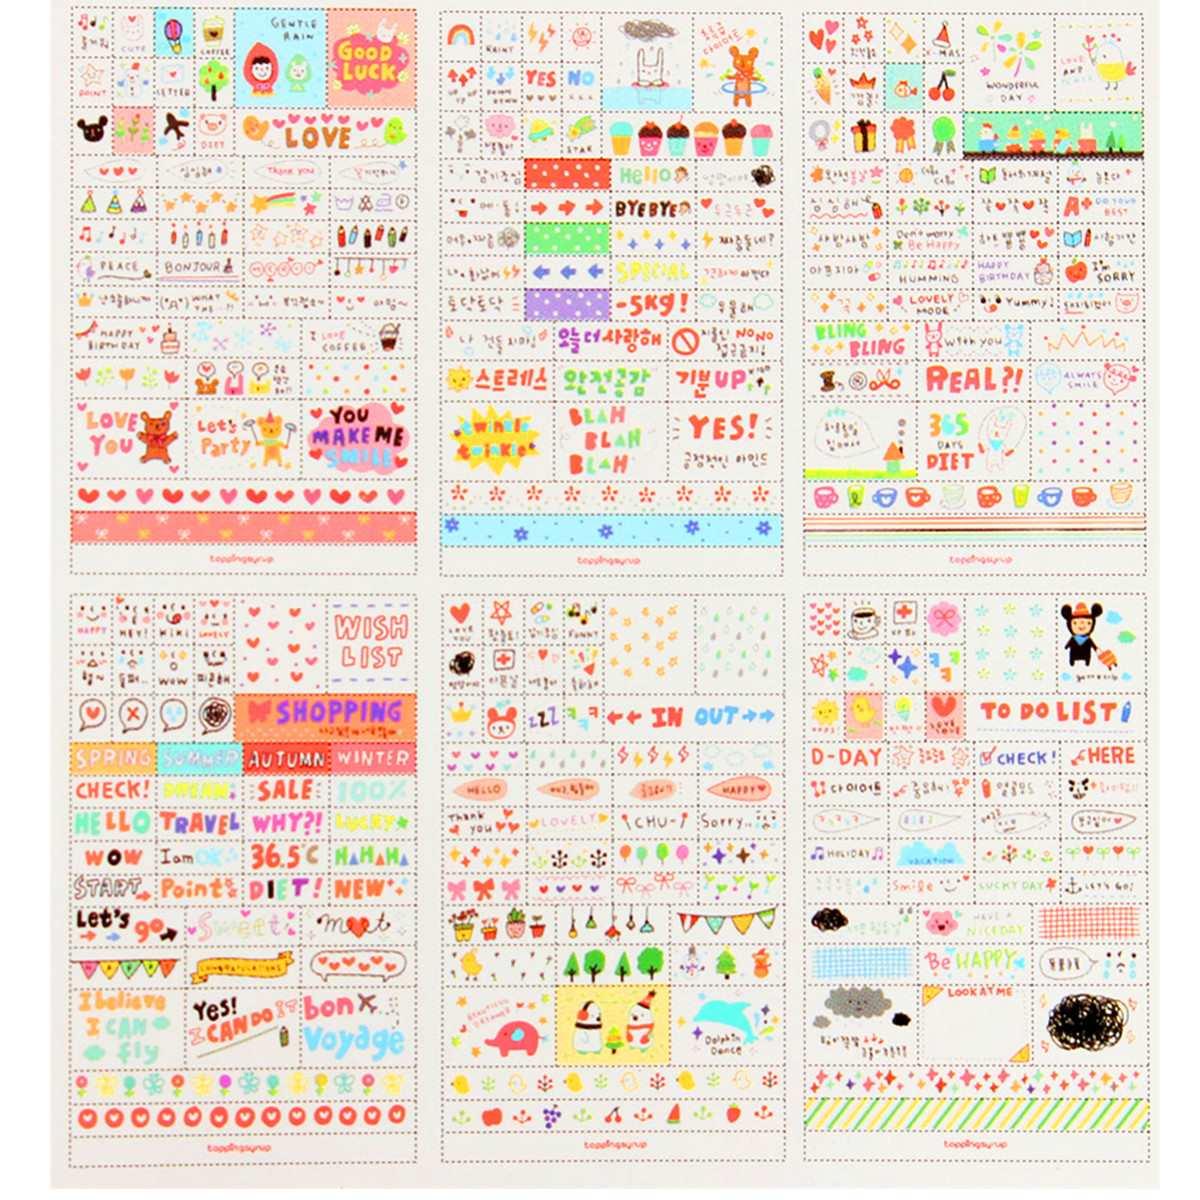 Scrapbook paper books - 6 Sheets Pack Cute Diy Word Expression Diary Album Diy Scrapbooking Paper Sticker Book Calendar